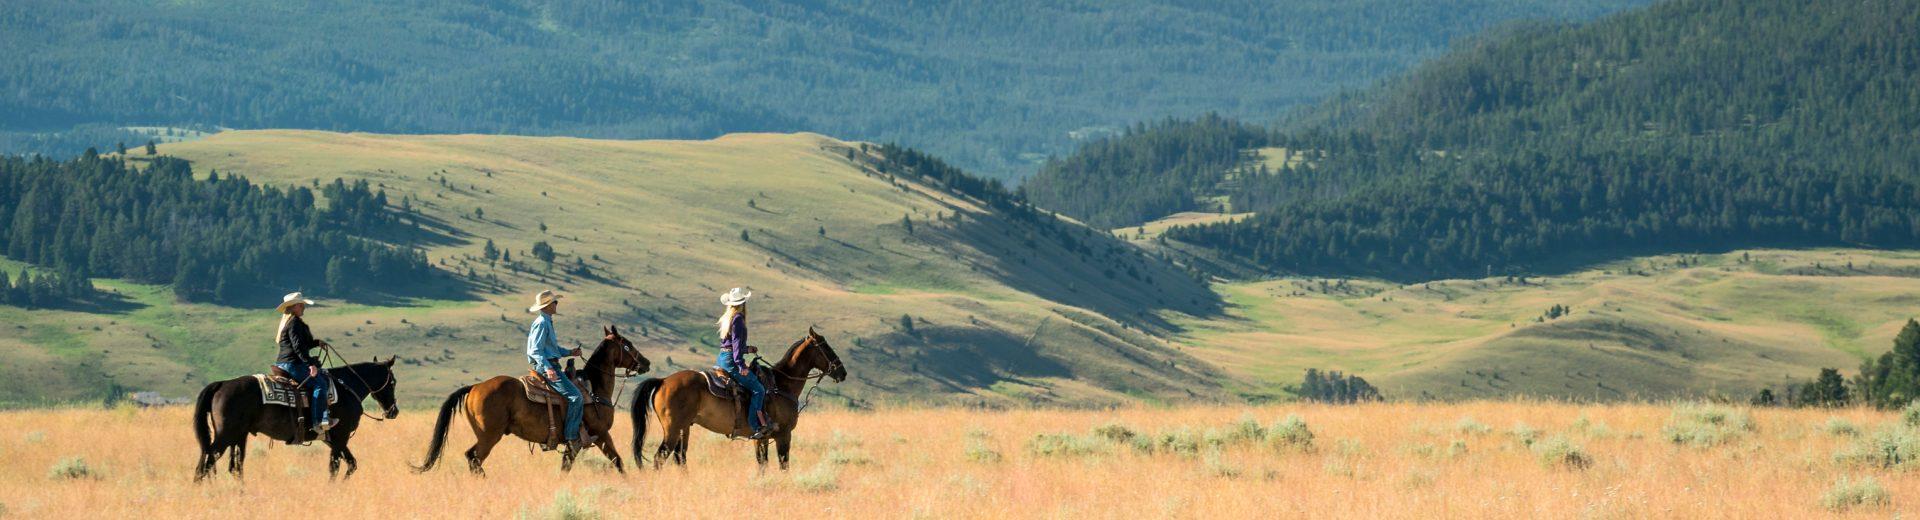 horseback riding at the ranch at rock creek montana